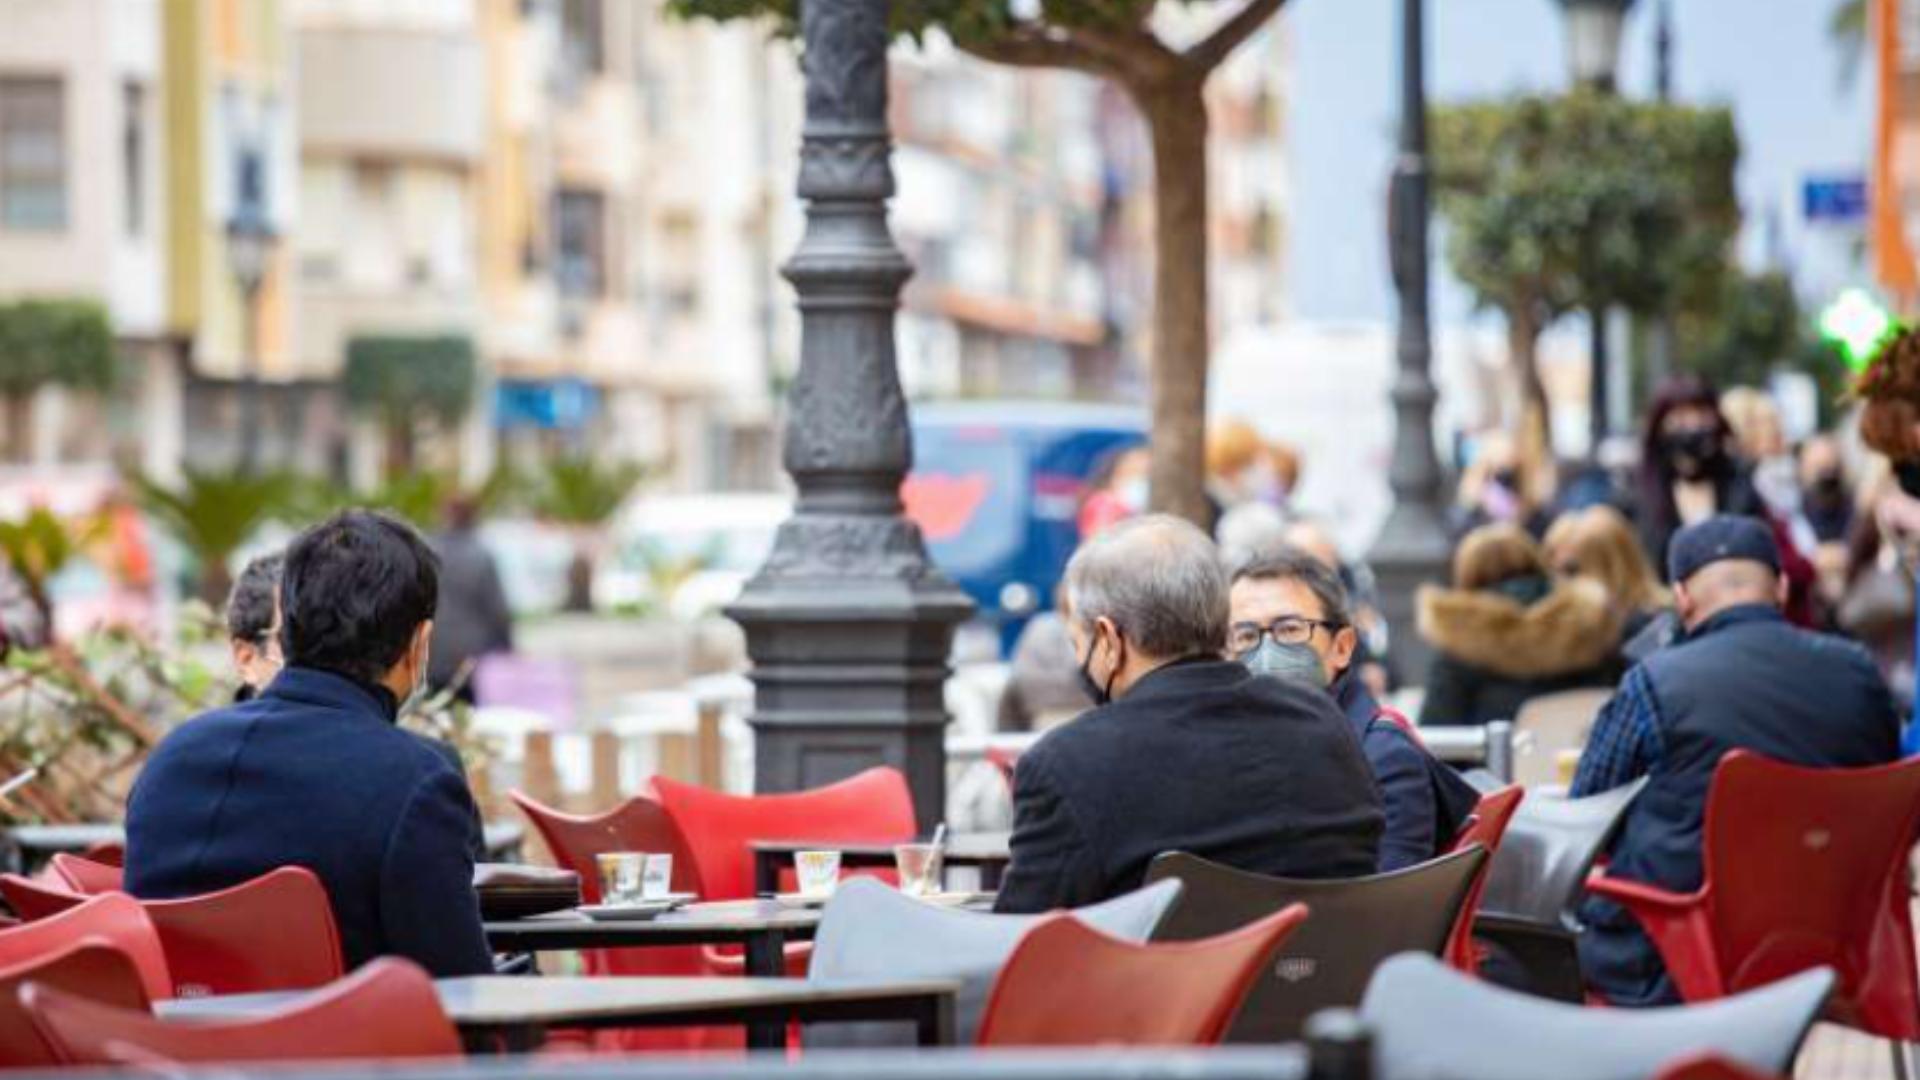 Un estudio de Kartica muestra cómo el COVID ha cambiado las motivaciones y hábitos de compra de los consumidores valencianos